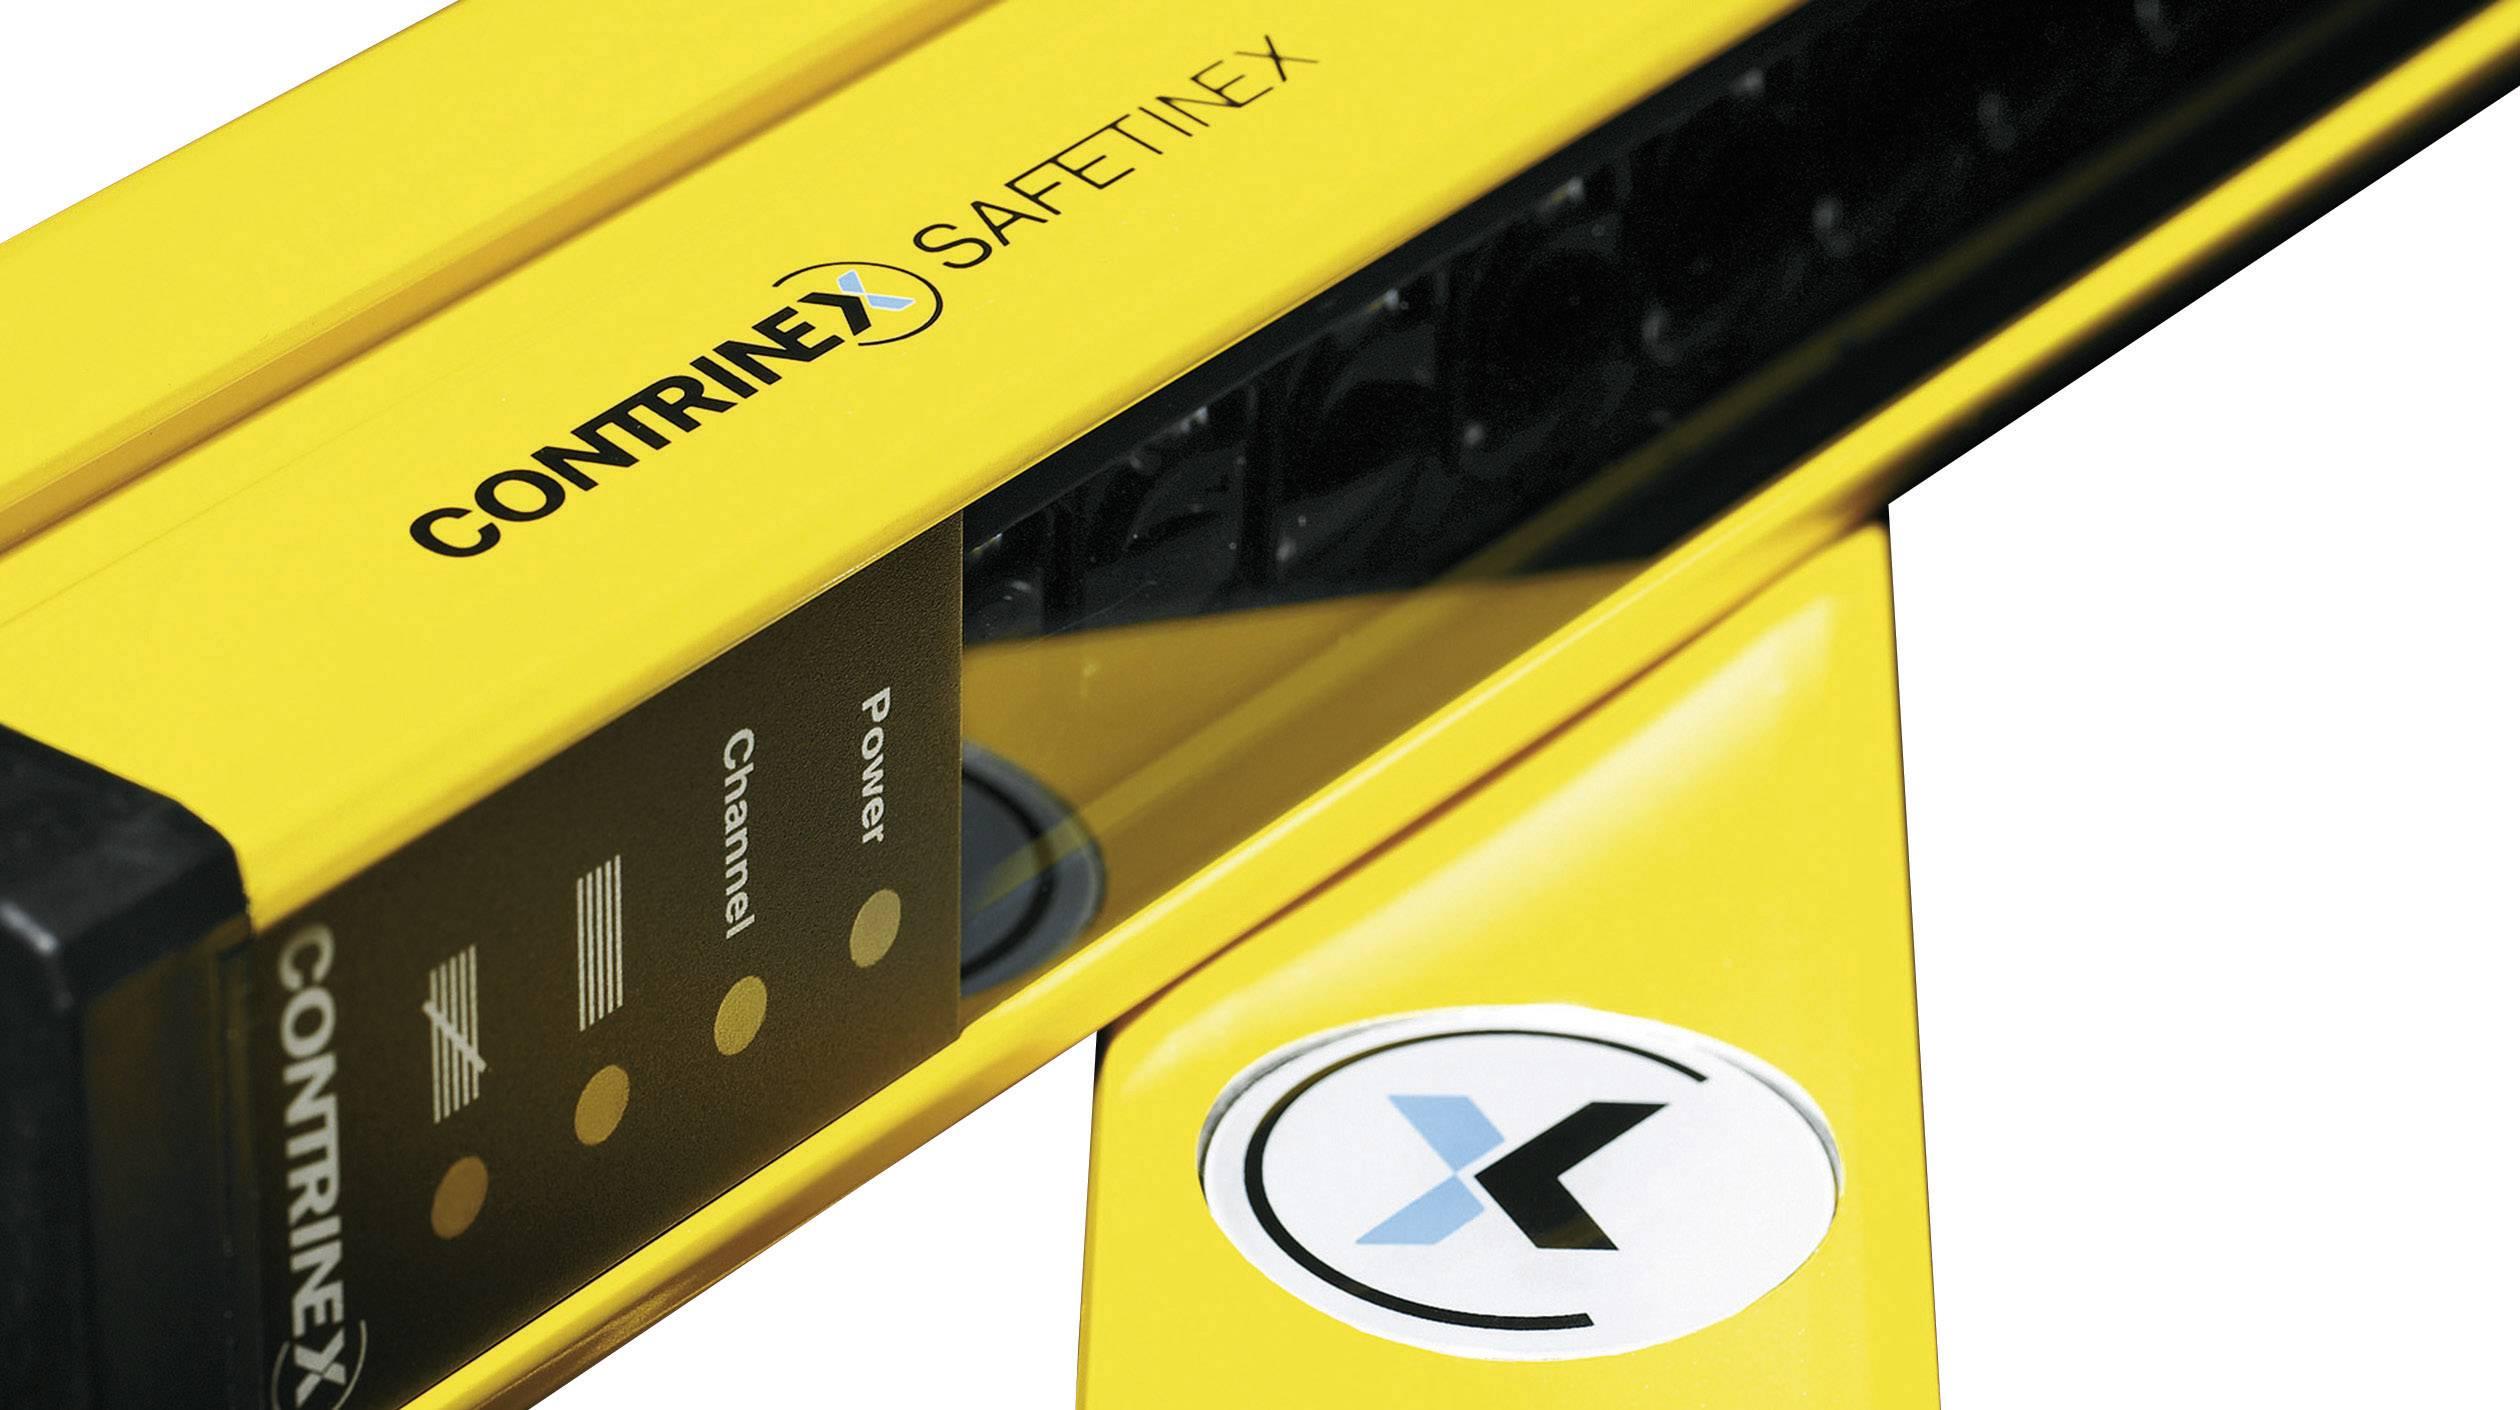 Bezpečnostní světelná závora pro ochranu prstů Contrinex YBB-14S4-0150-G012 630 000 050